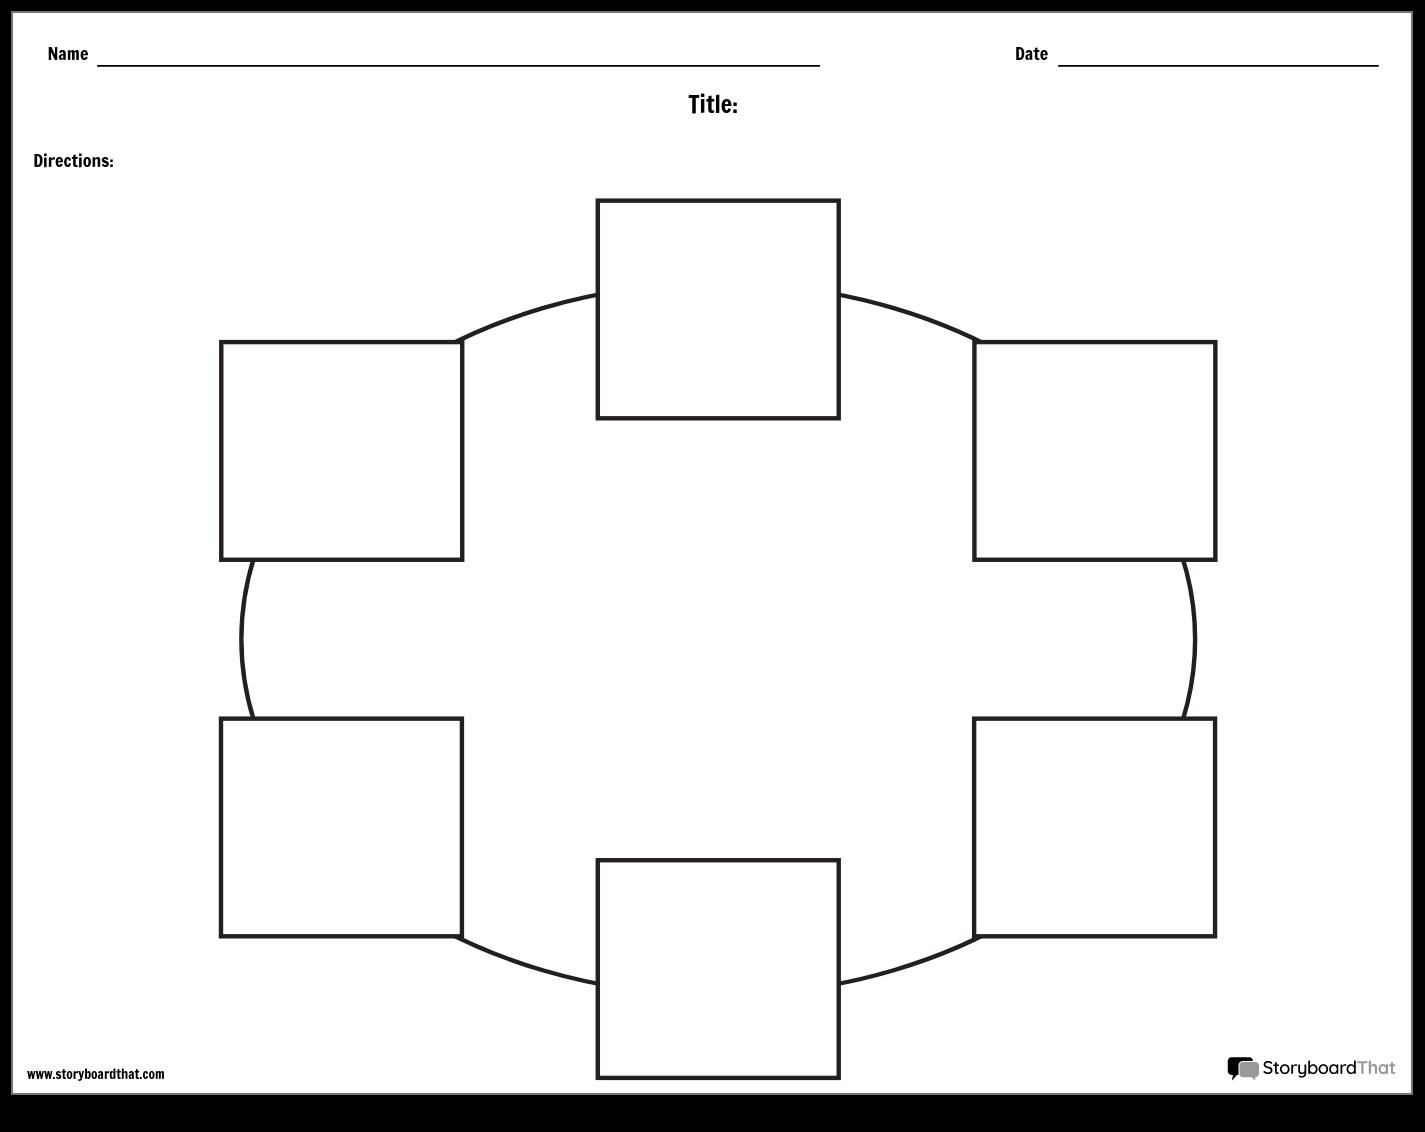 Crear Gráficos Circulares o Imprimibles Organizadores Gráficos web